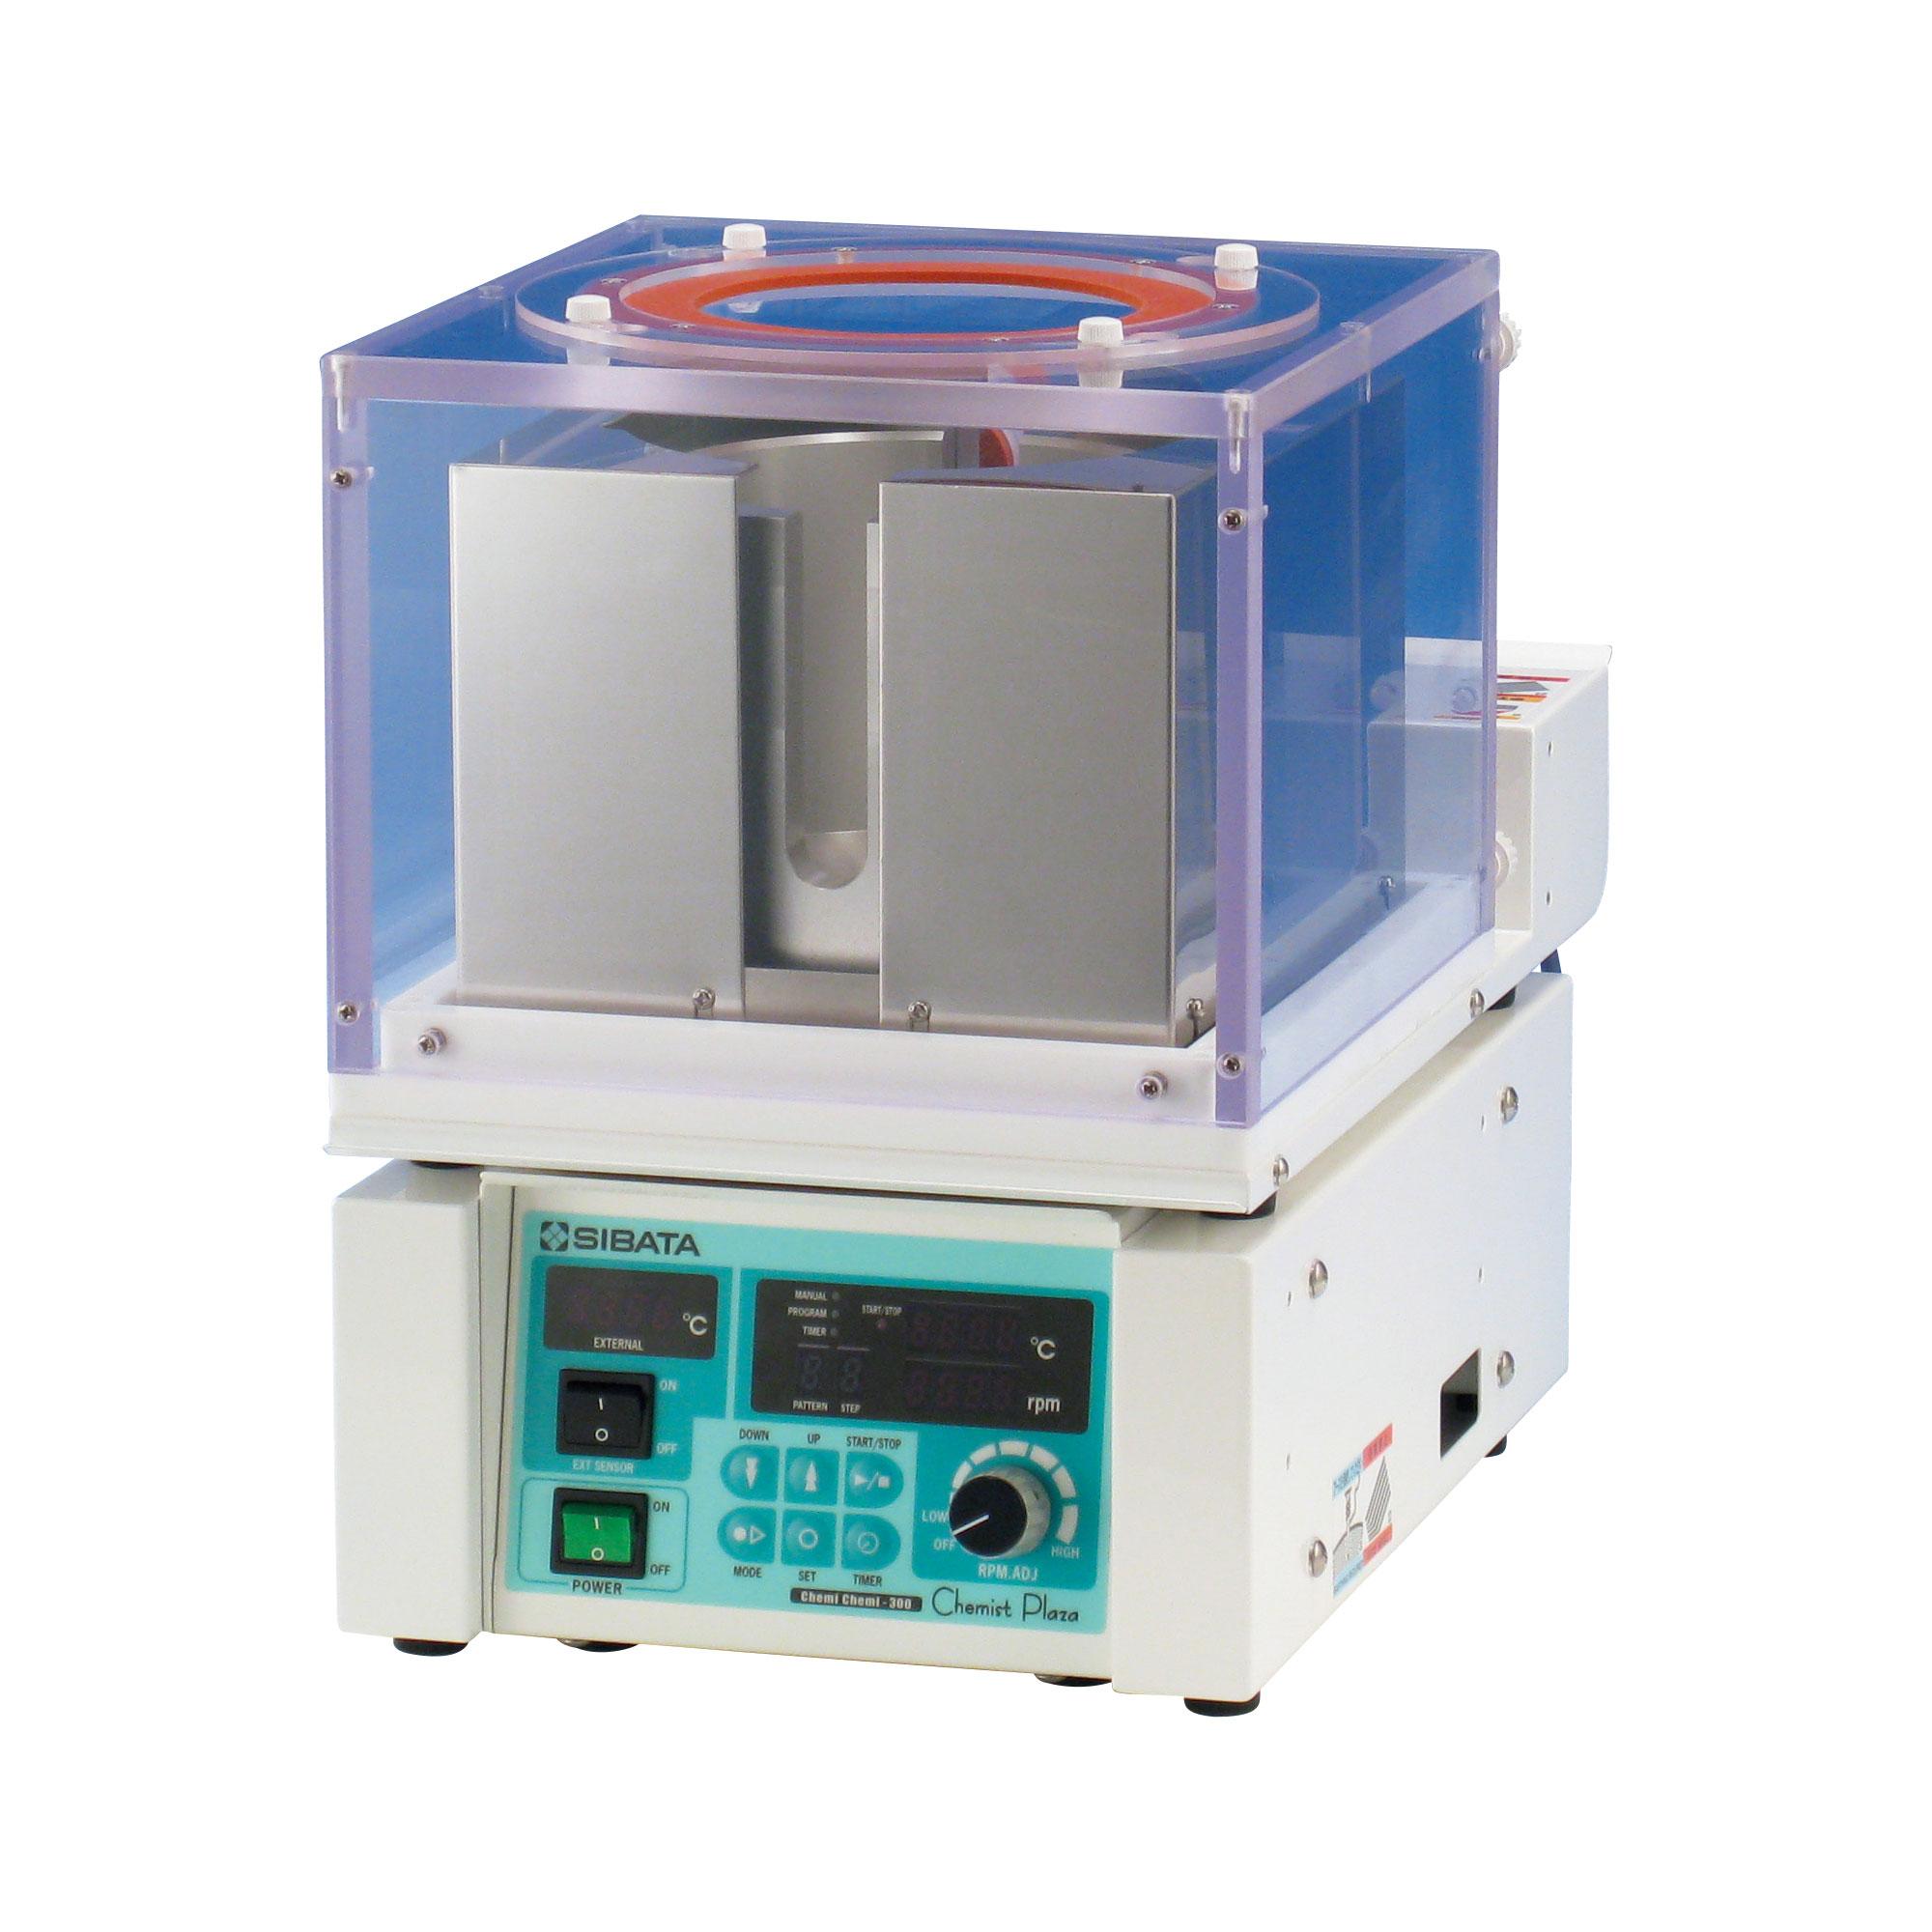 合成・反応装置 ケミストプラザ CP-300 本体セット 1000mL